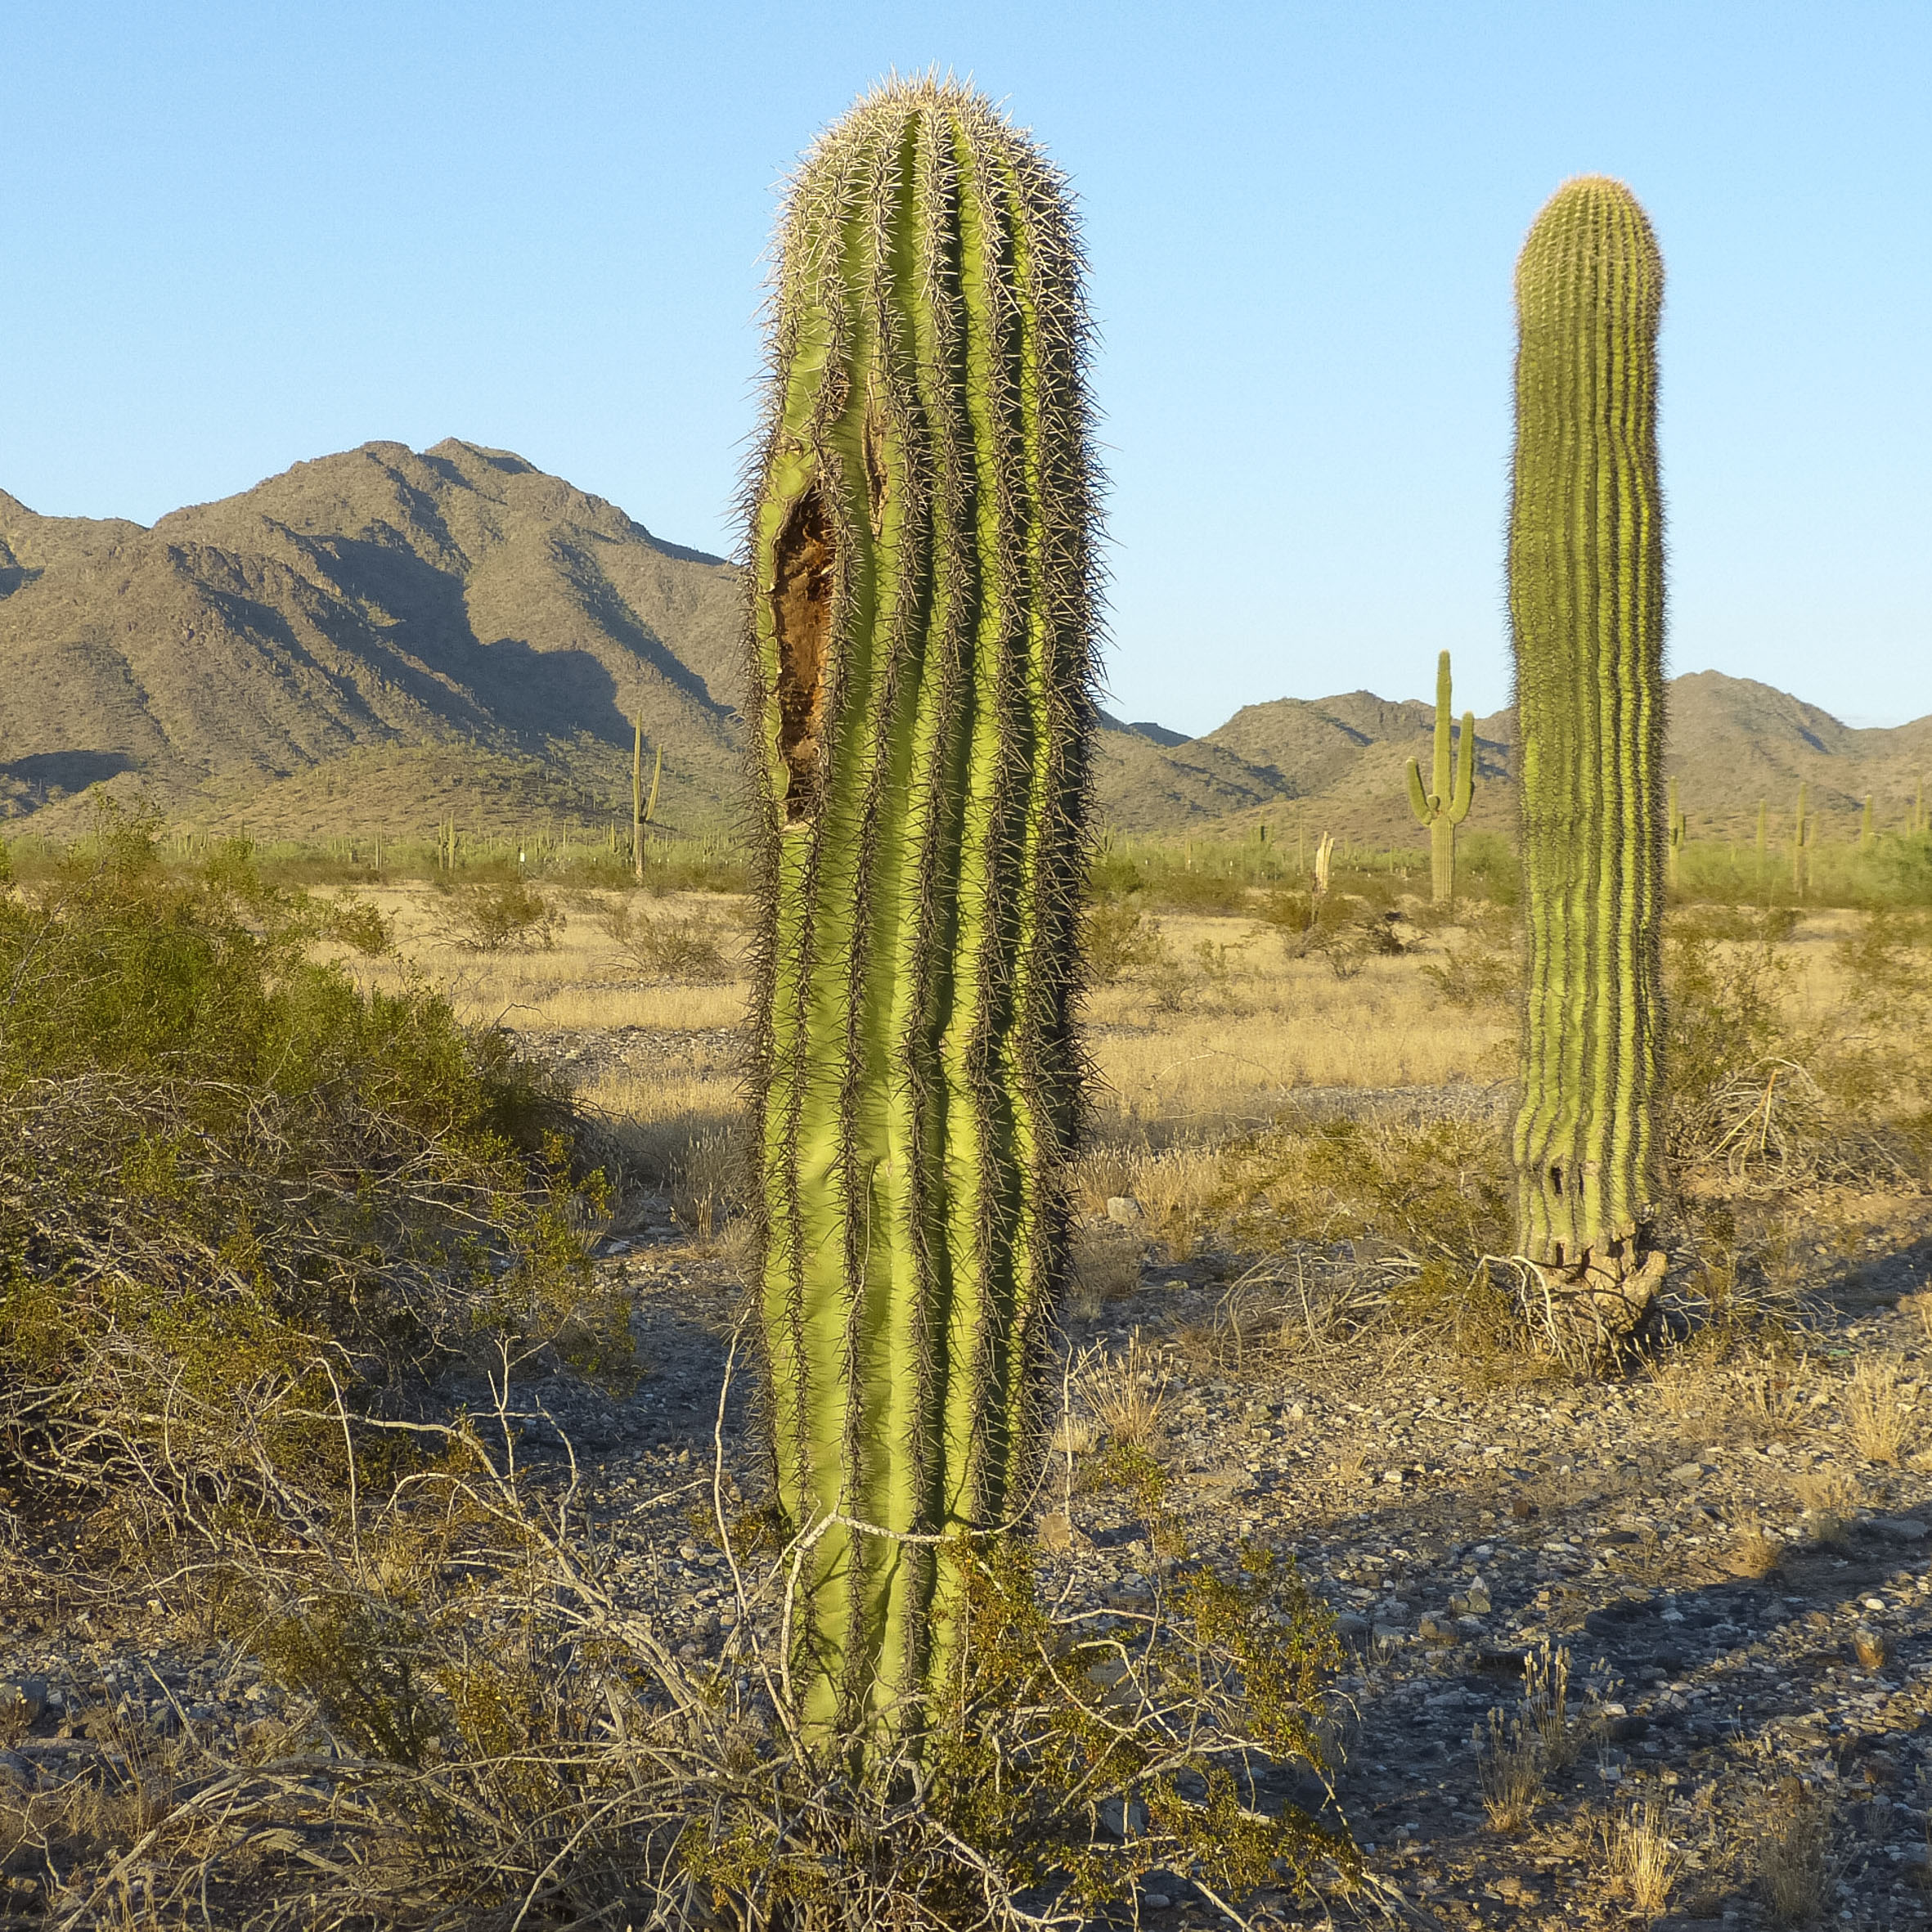 K19_089_Arizona_1